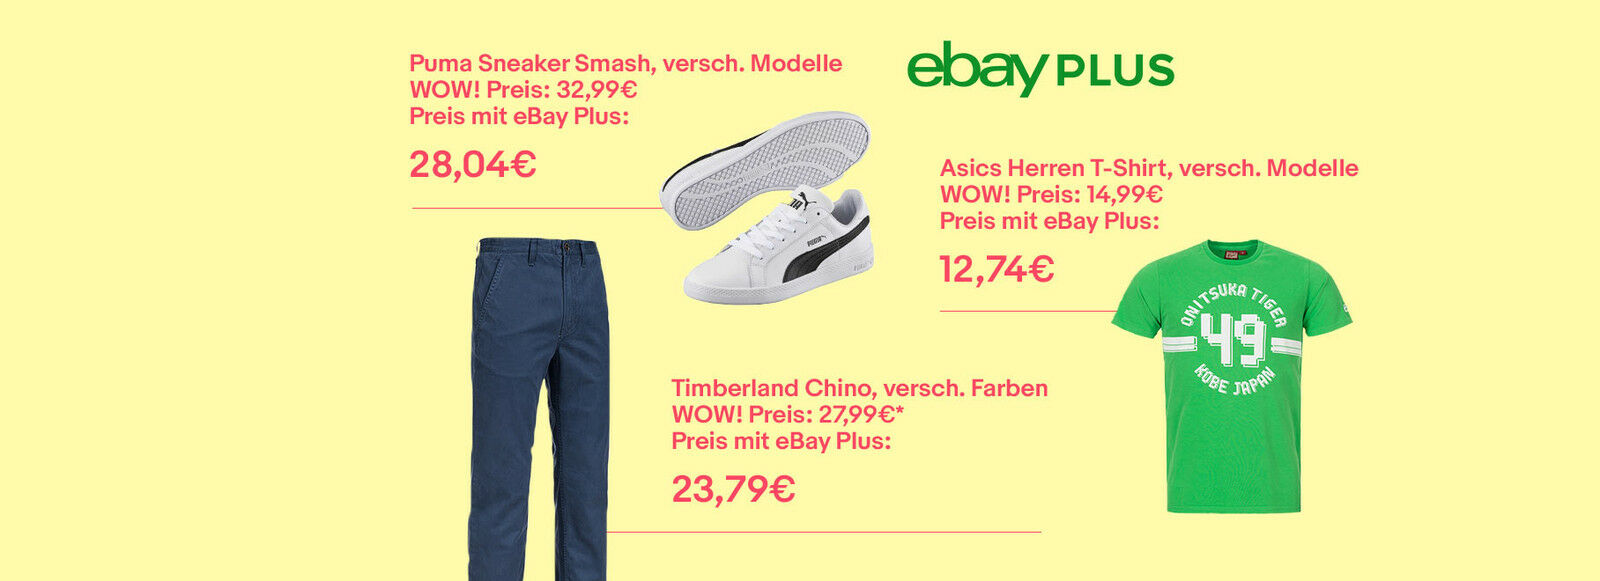 500+ WOW! Angebote & als eBay Plus-Mitglied nochmal 15%* sparen